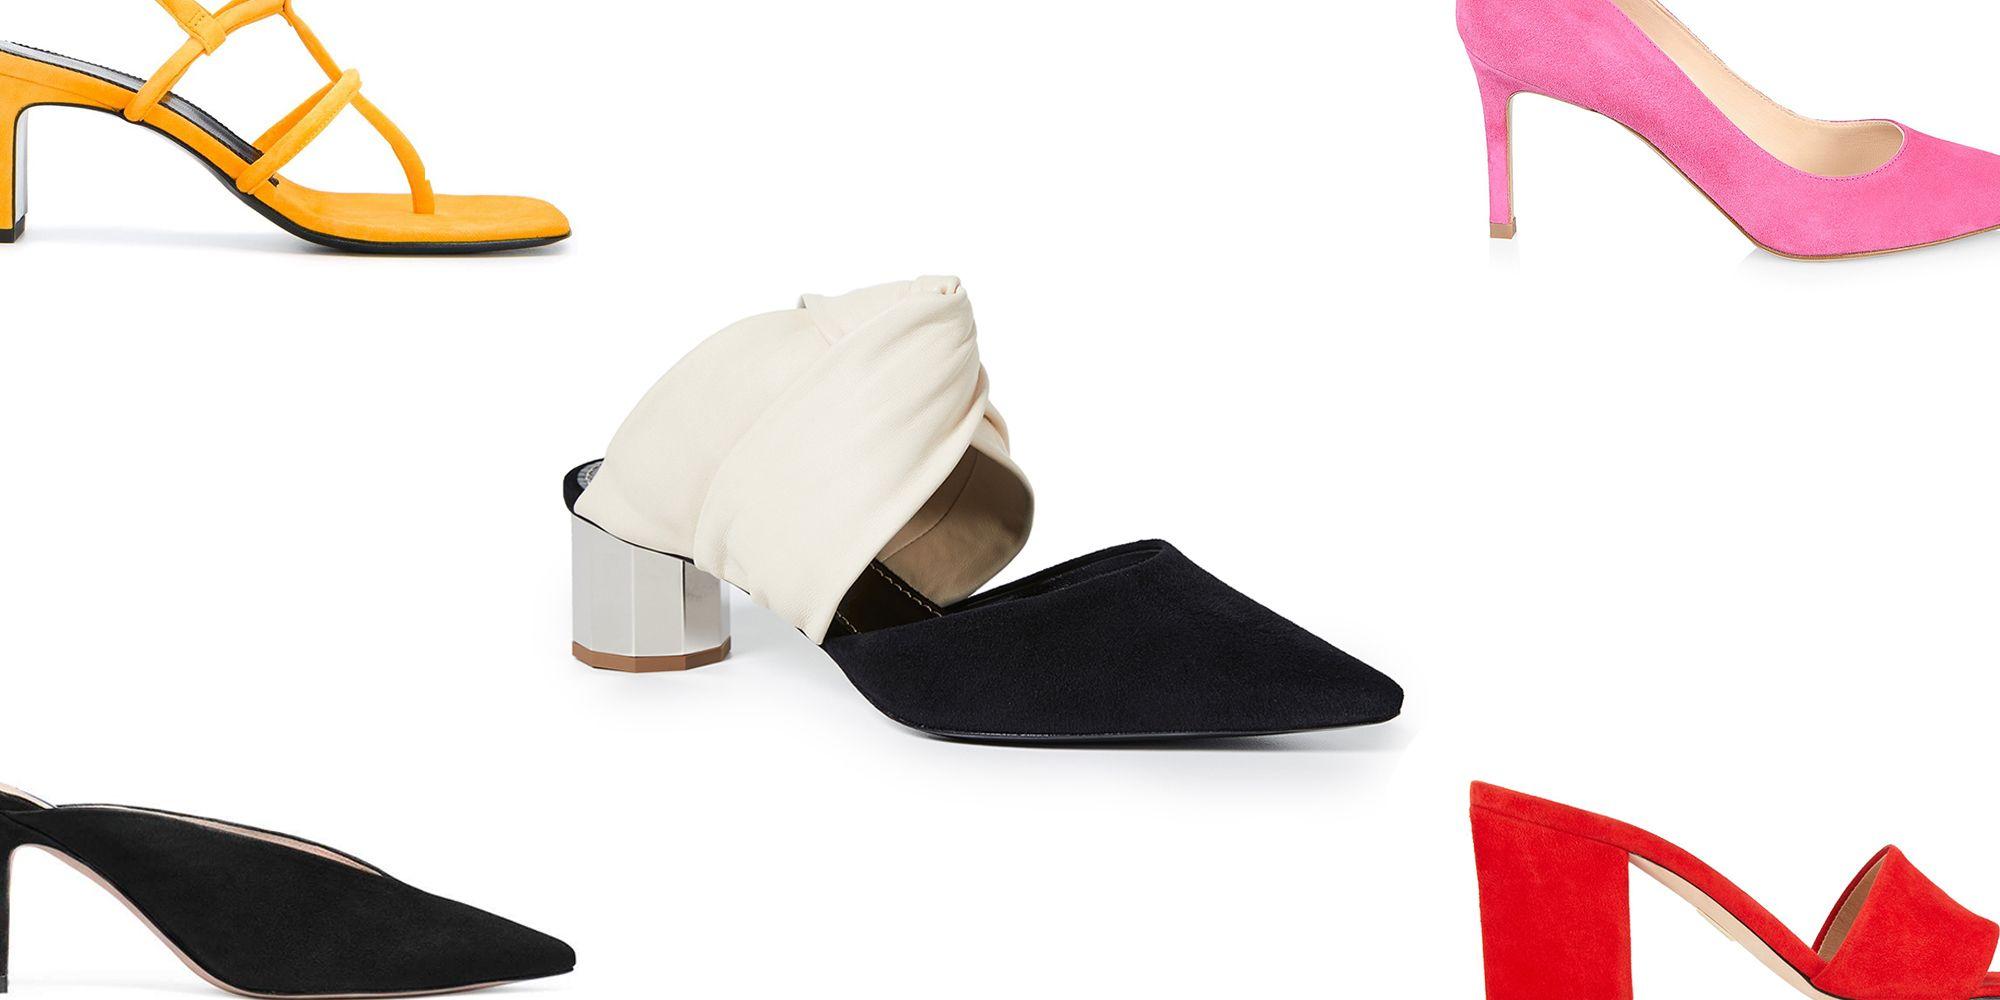 2ad3841be9f 23 Most Comfortable High Heels - ELLE.com Editors Pick Heels You Can ...